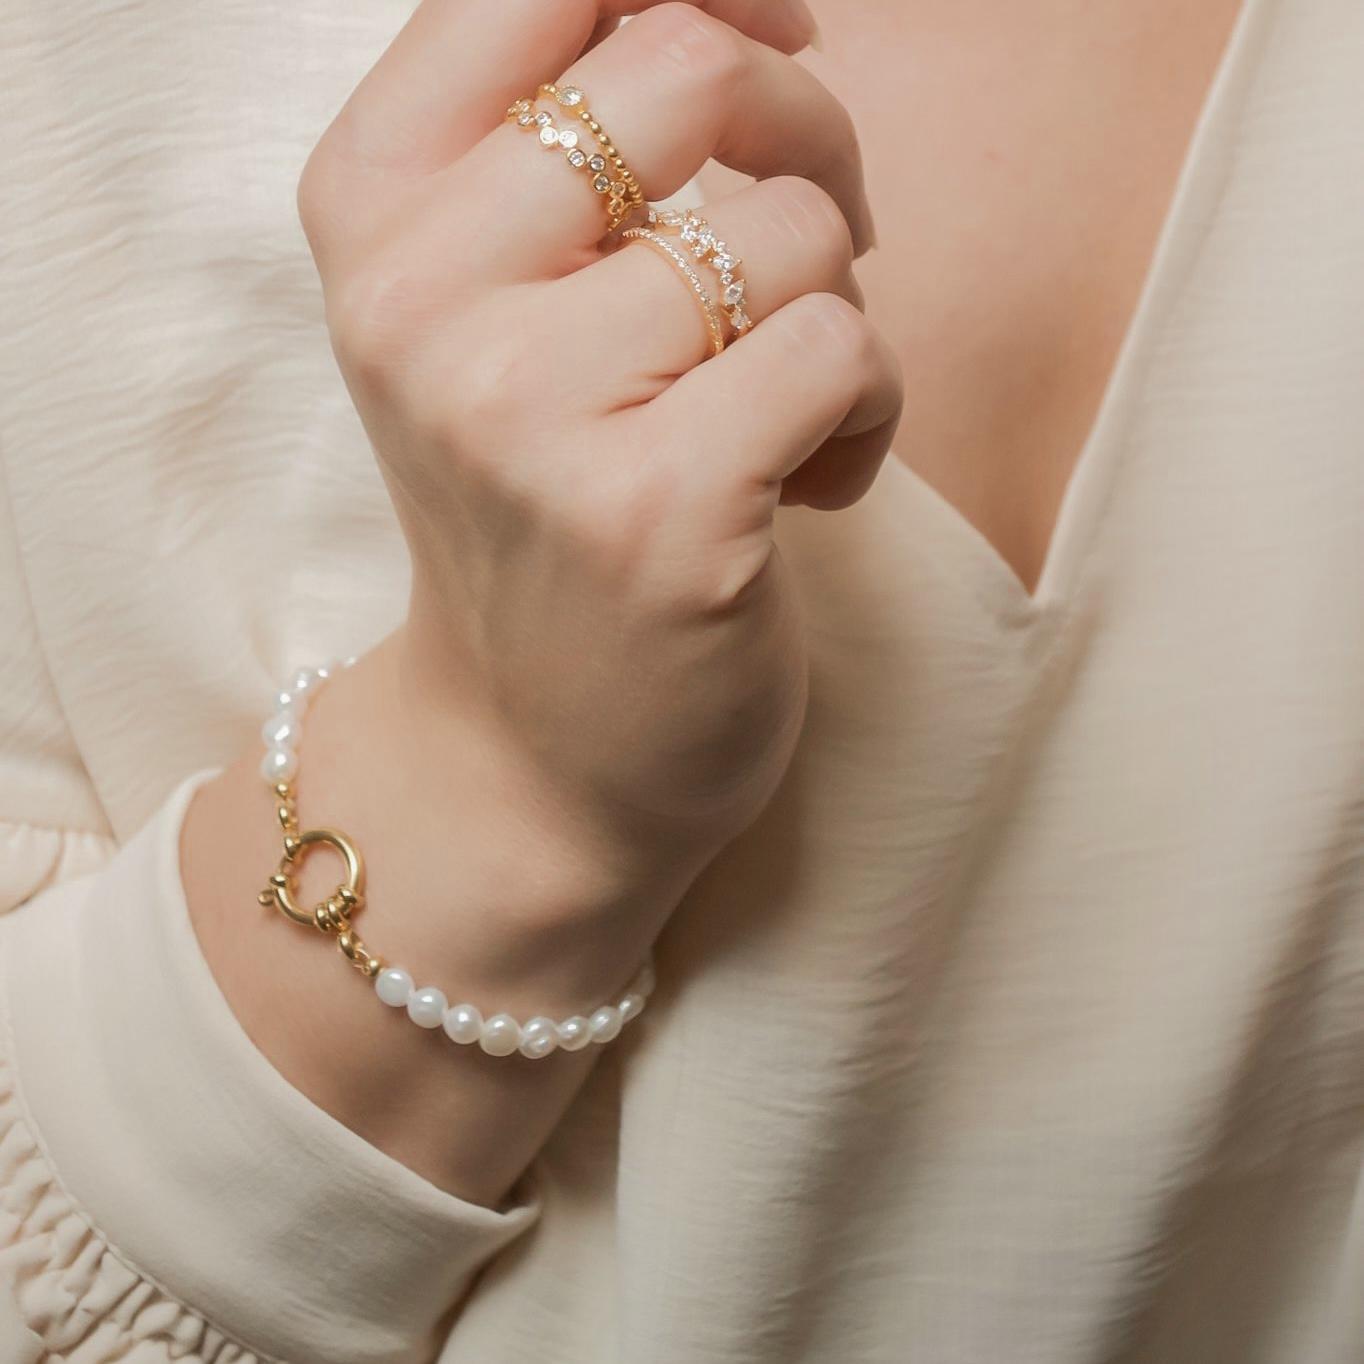 Handgemaakte armband chic pearls